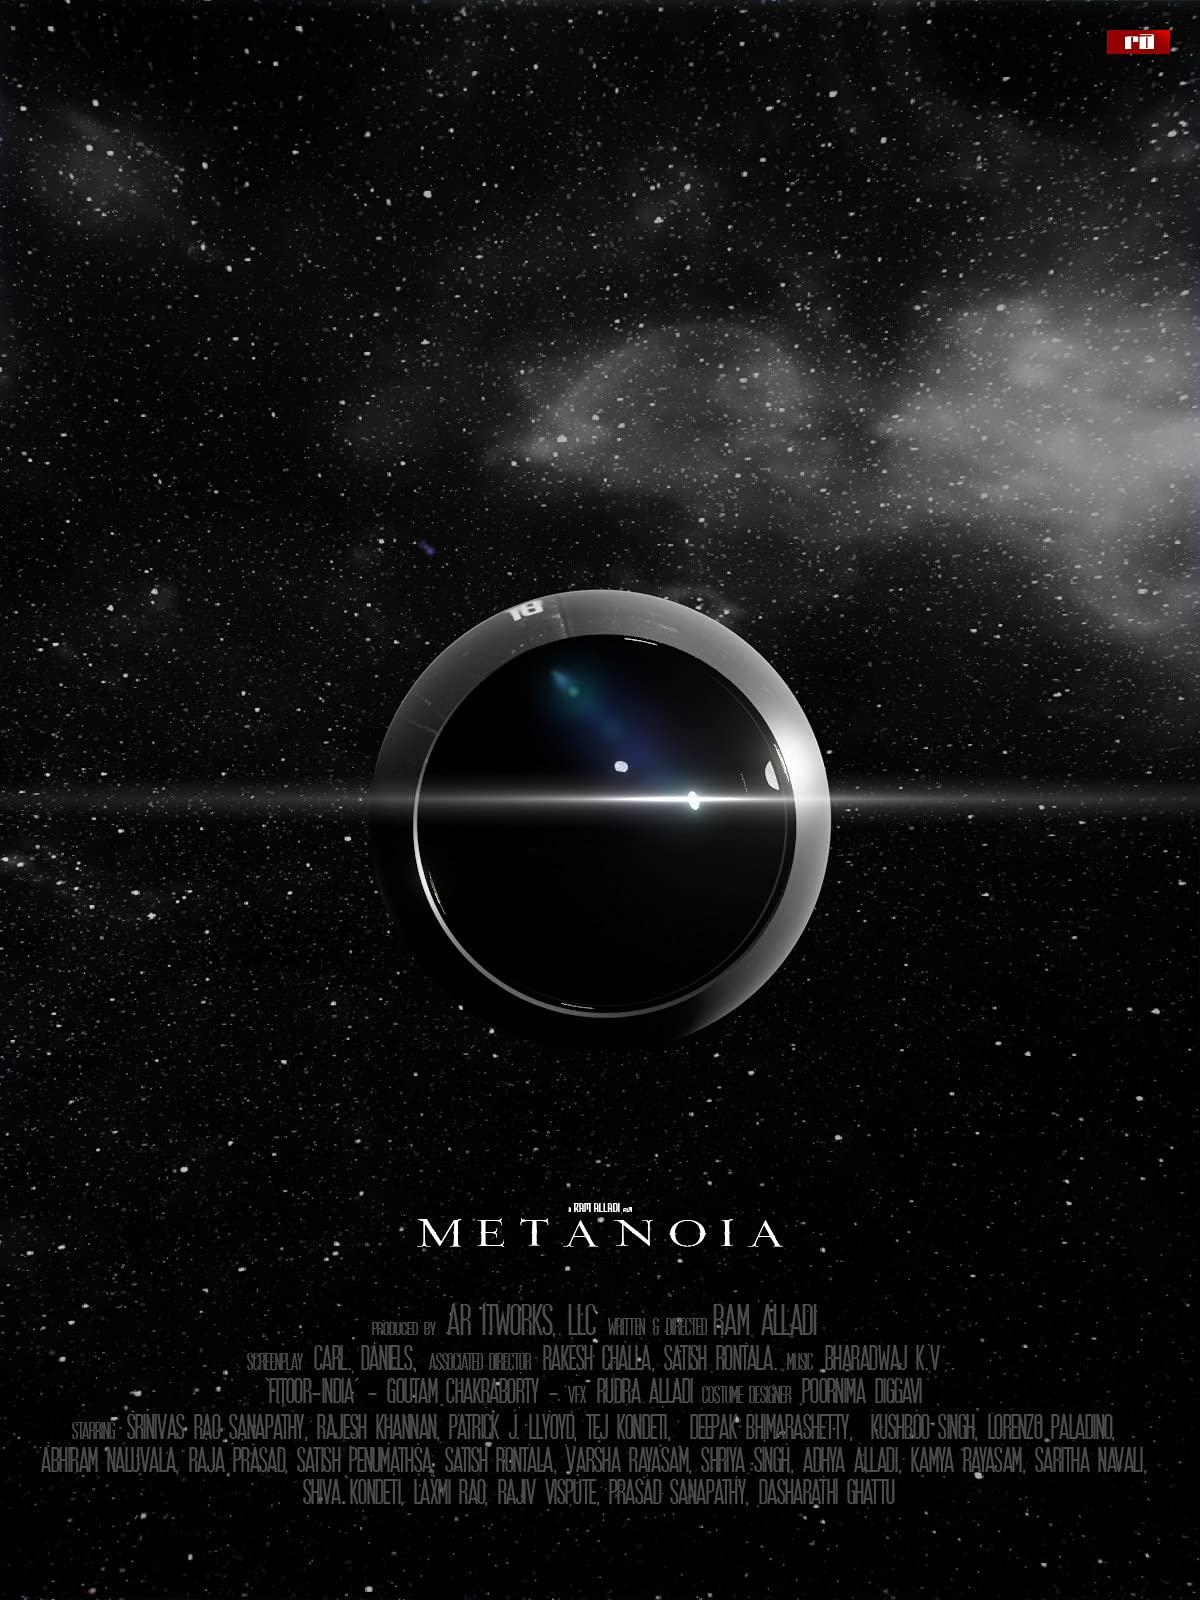 Ra's Metanoia